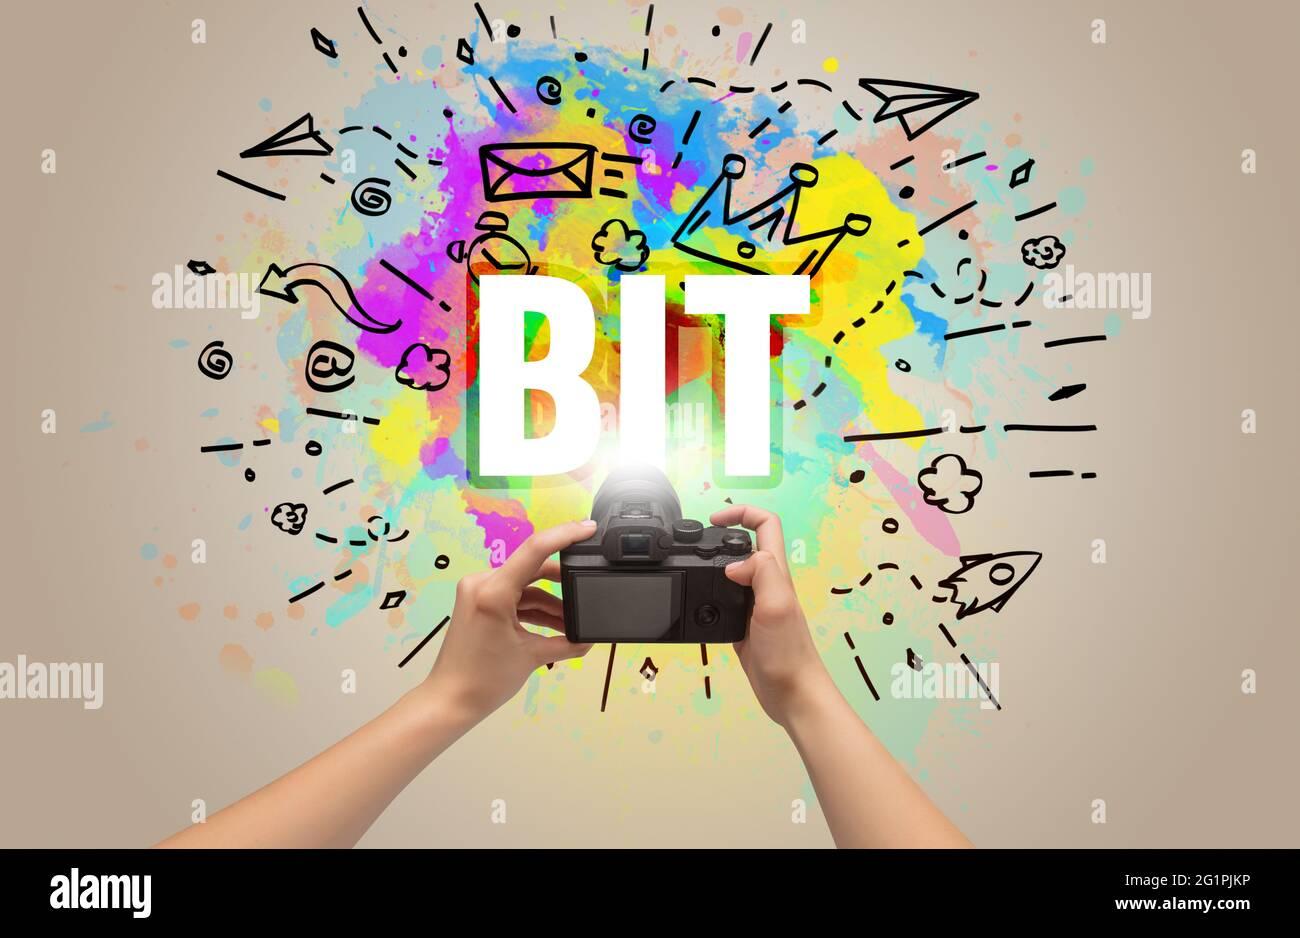 Gros plan d'une main tenant un appareil photo numérique avec dessin abstrait Banque D'Images